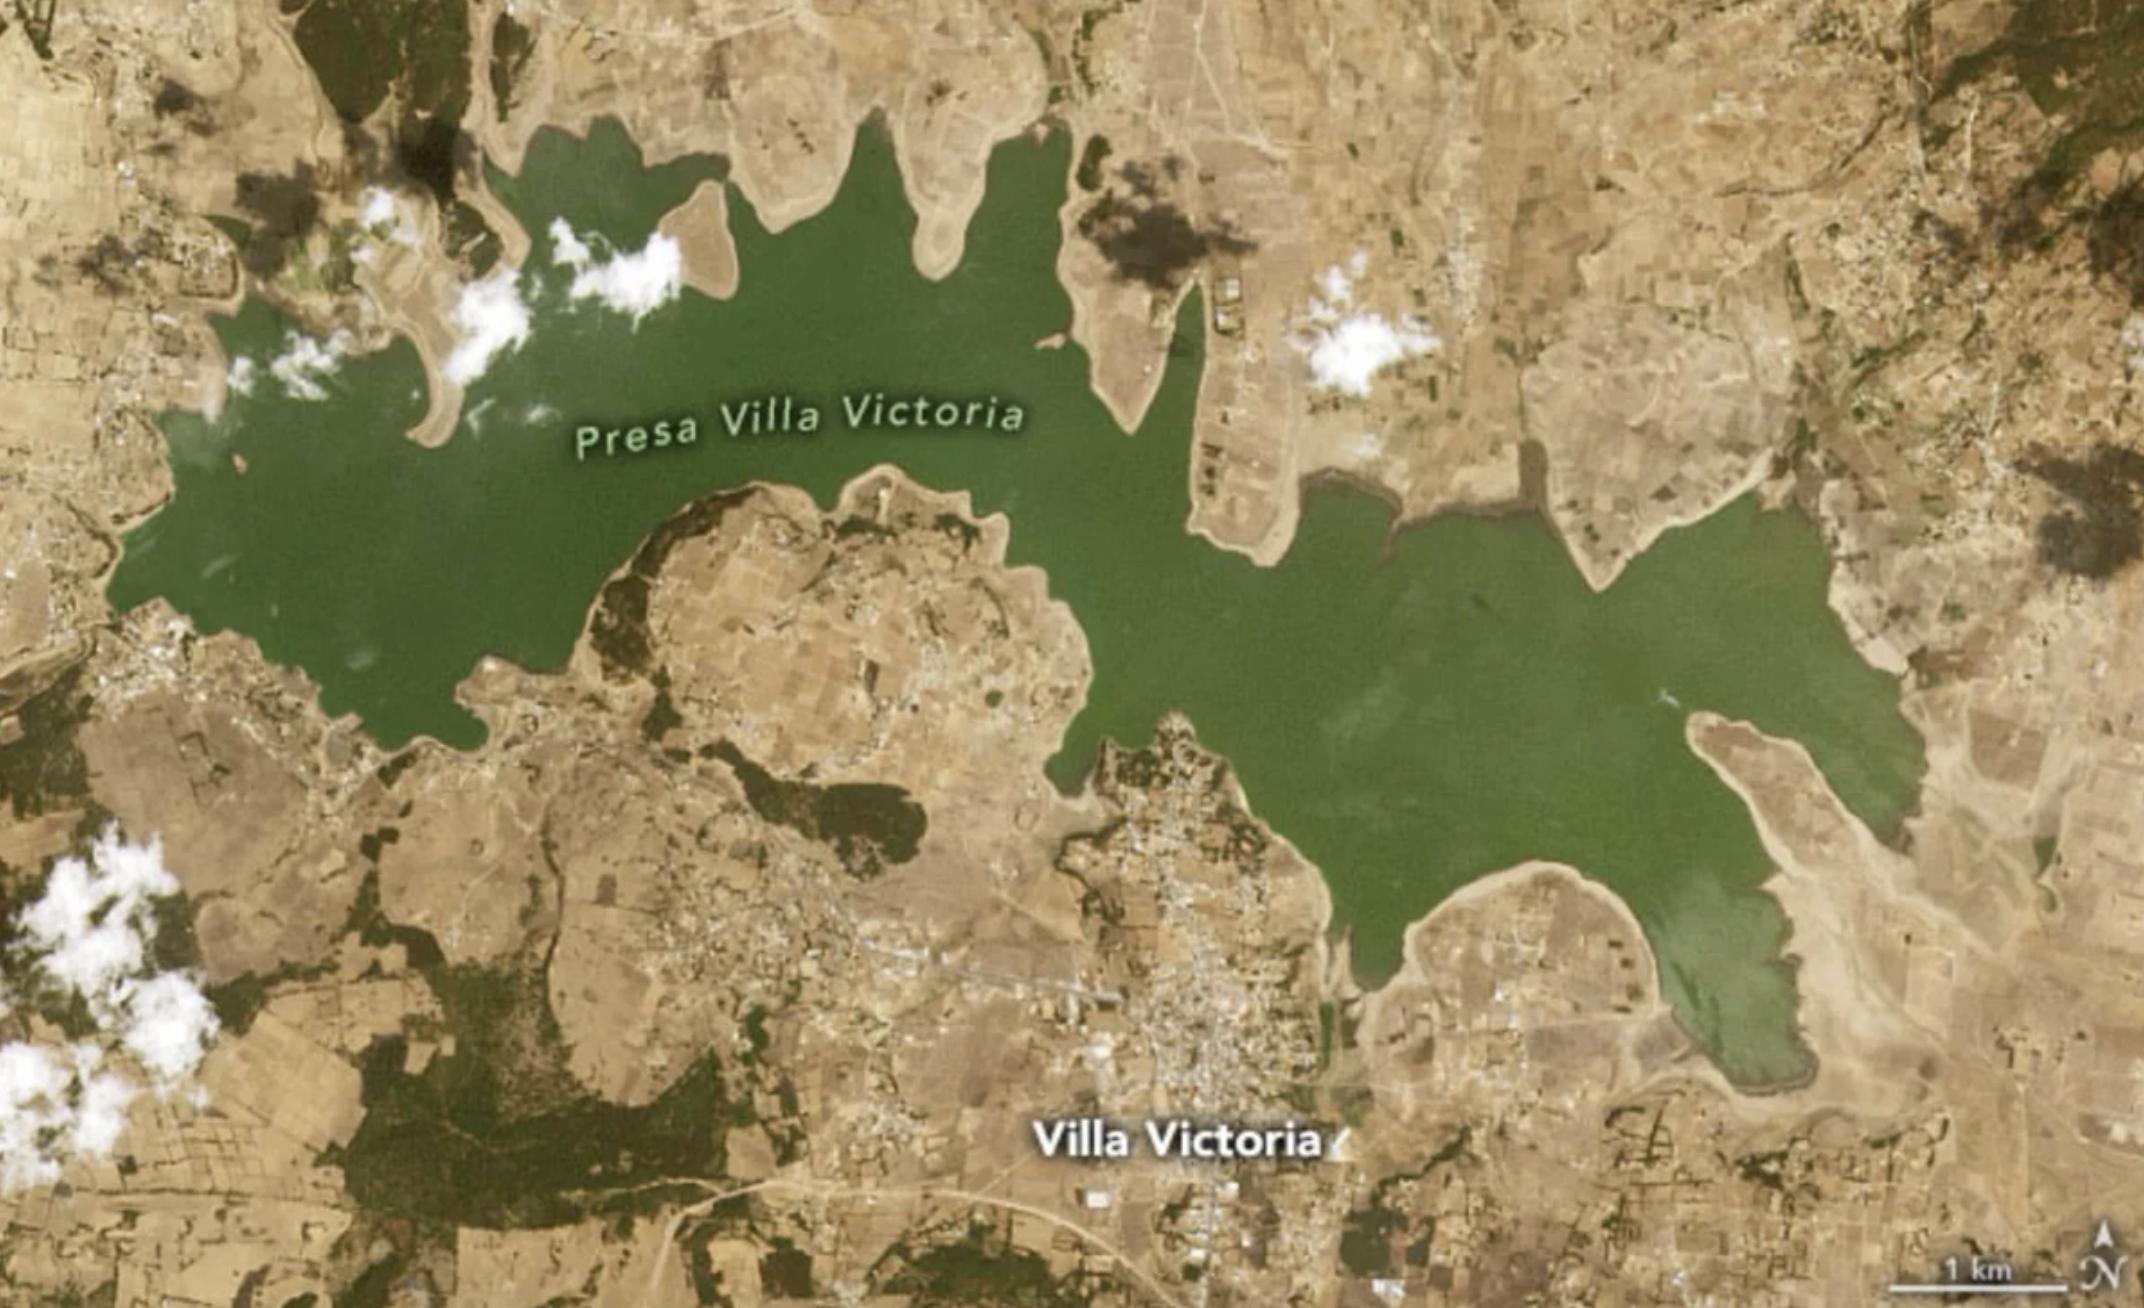 MX- ¿Por qué es alarmante la sequía que la NASA reporta en México? (El Universal)